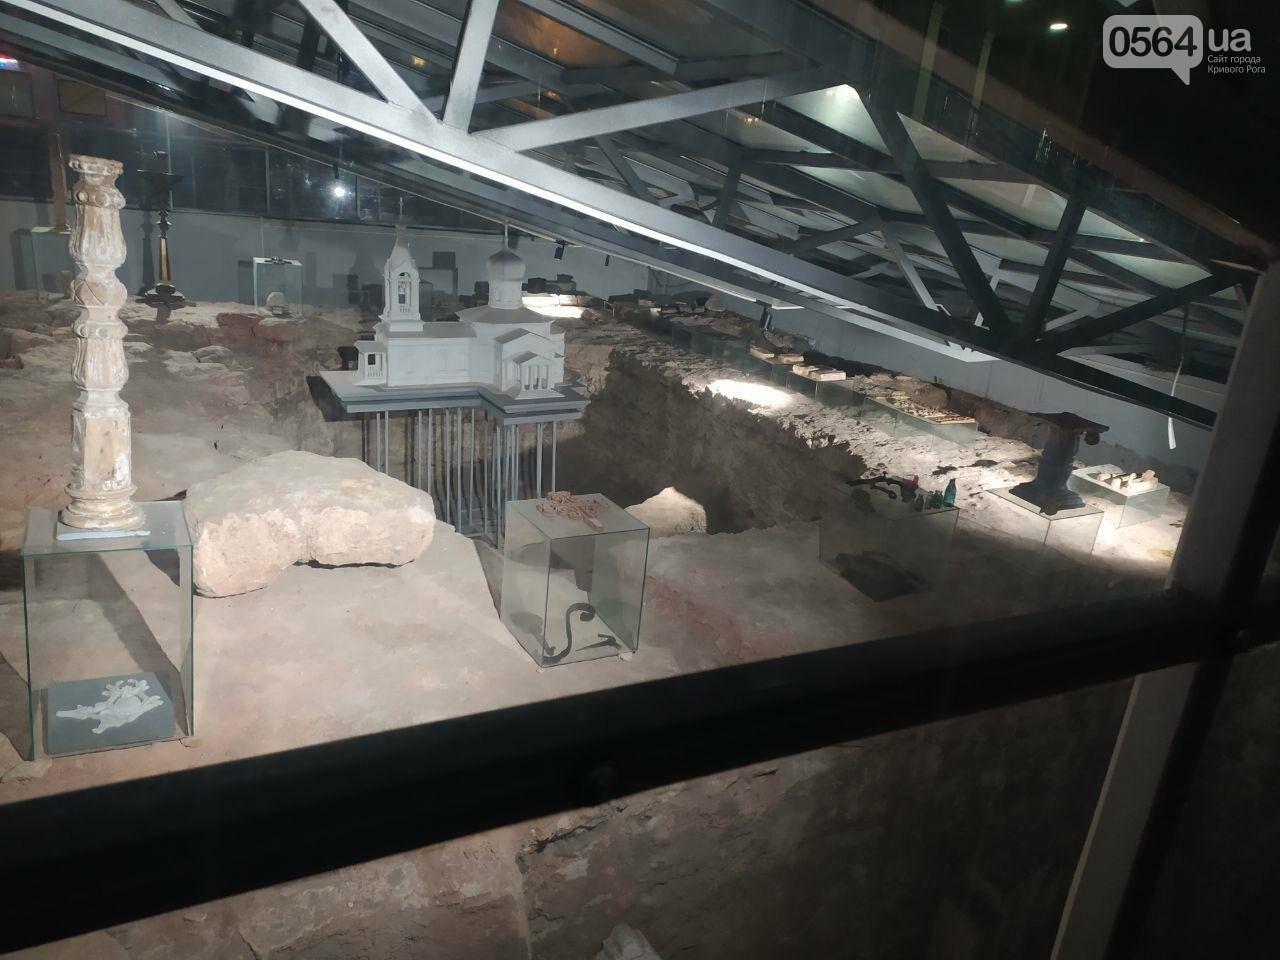 Информация о краже из музейной экспозиции в Кривом Роге в полицию не поступала. Правоохранители начали проверку, - ФОТО, фото-1